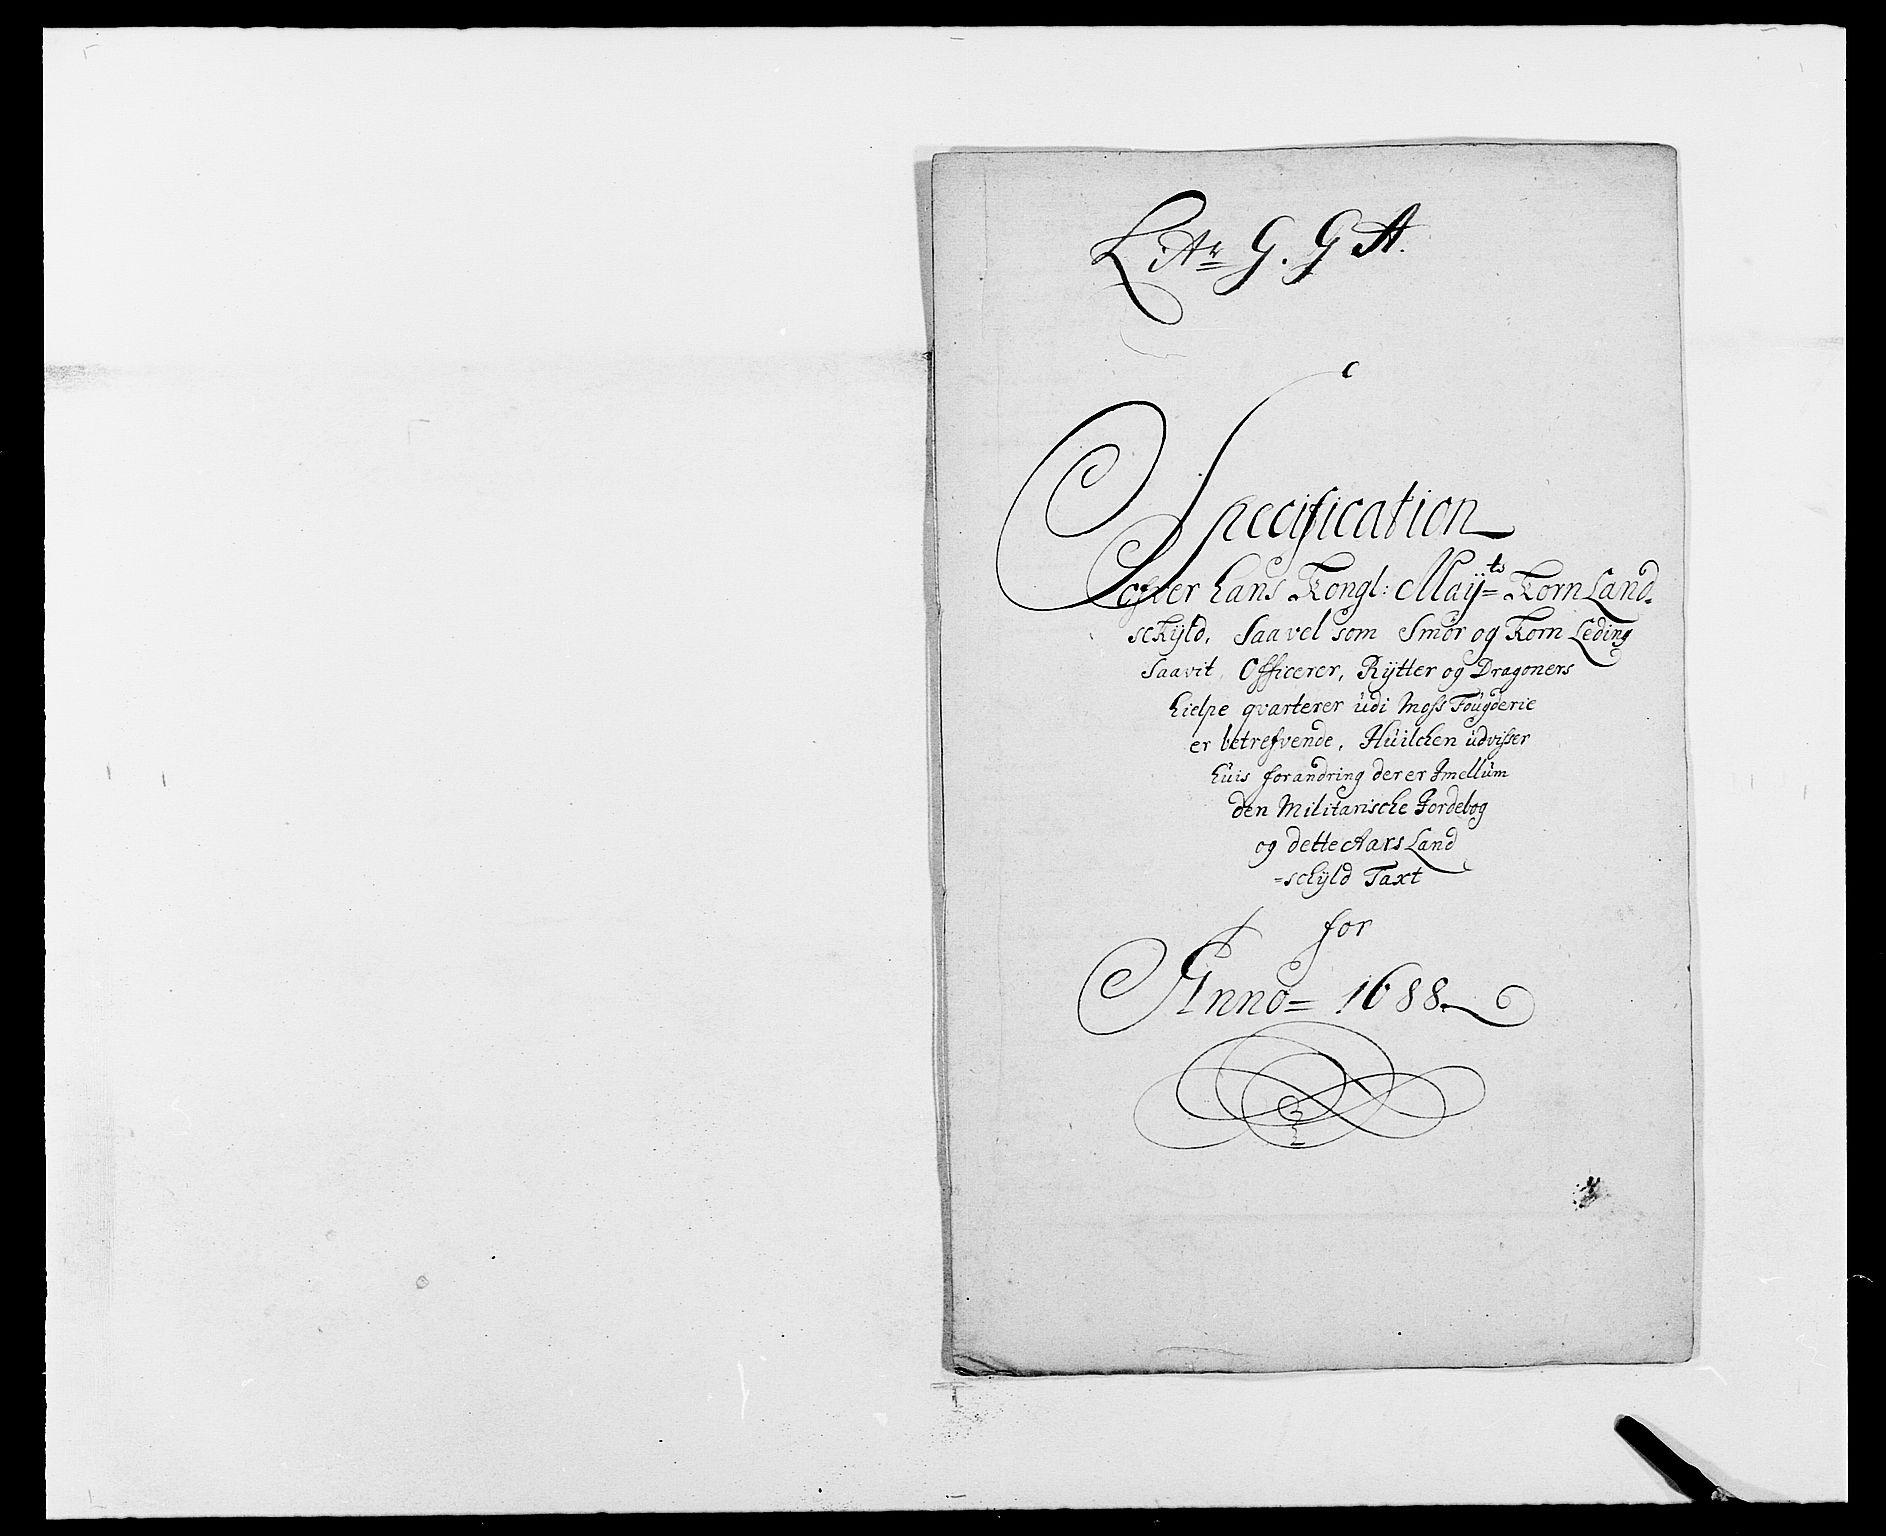 RA, Rentekammeret inntil 1814, Reviderte regnskaper, Fogderegnskap, R02/L0106: Fogderegnskap Moss og Verne kloster, 1688-1691, s. 140